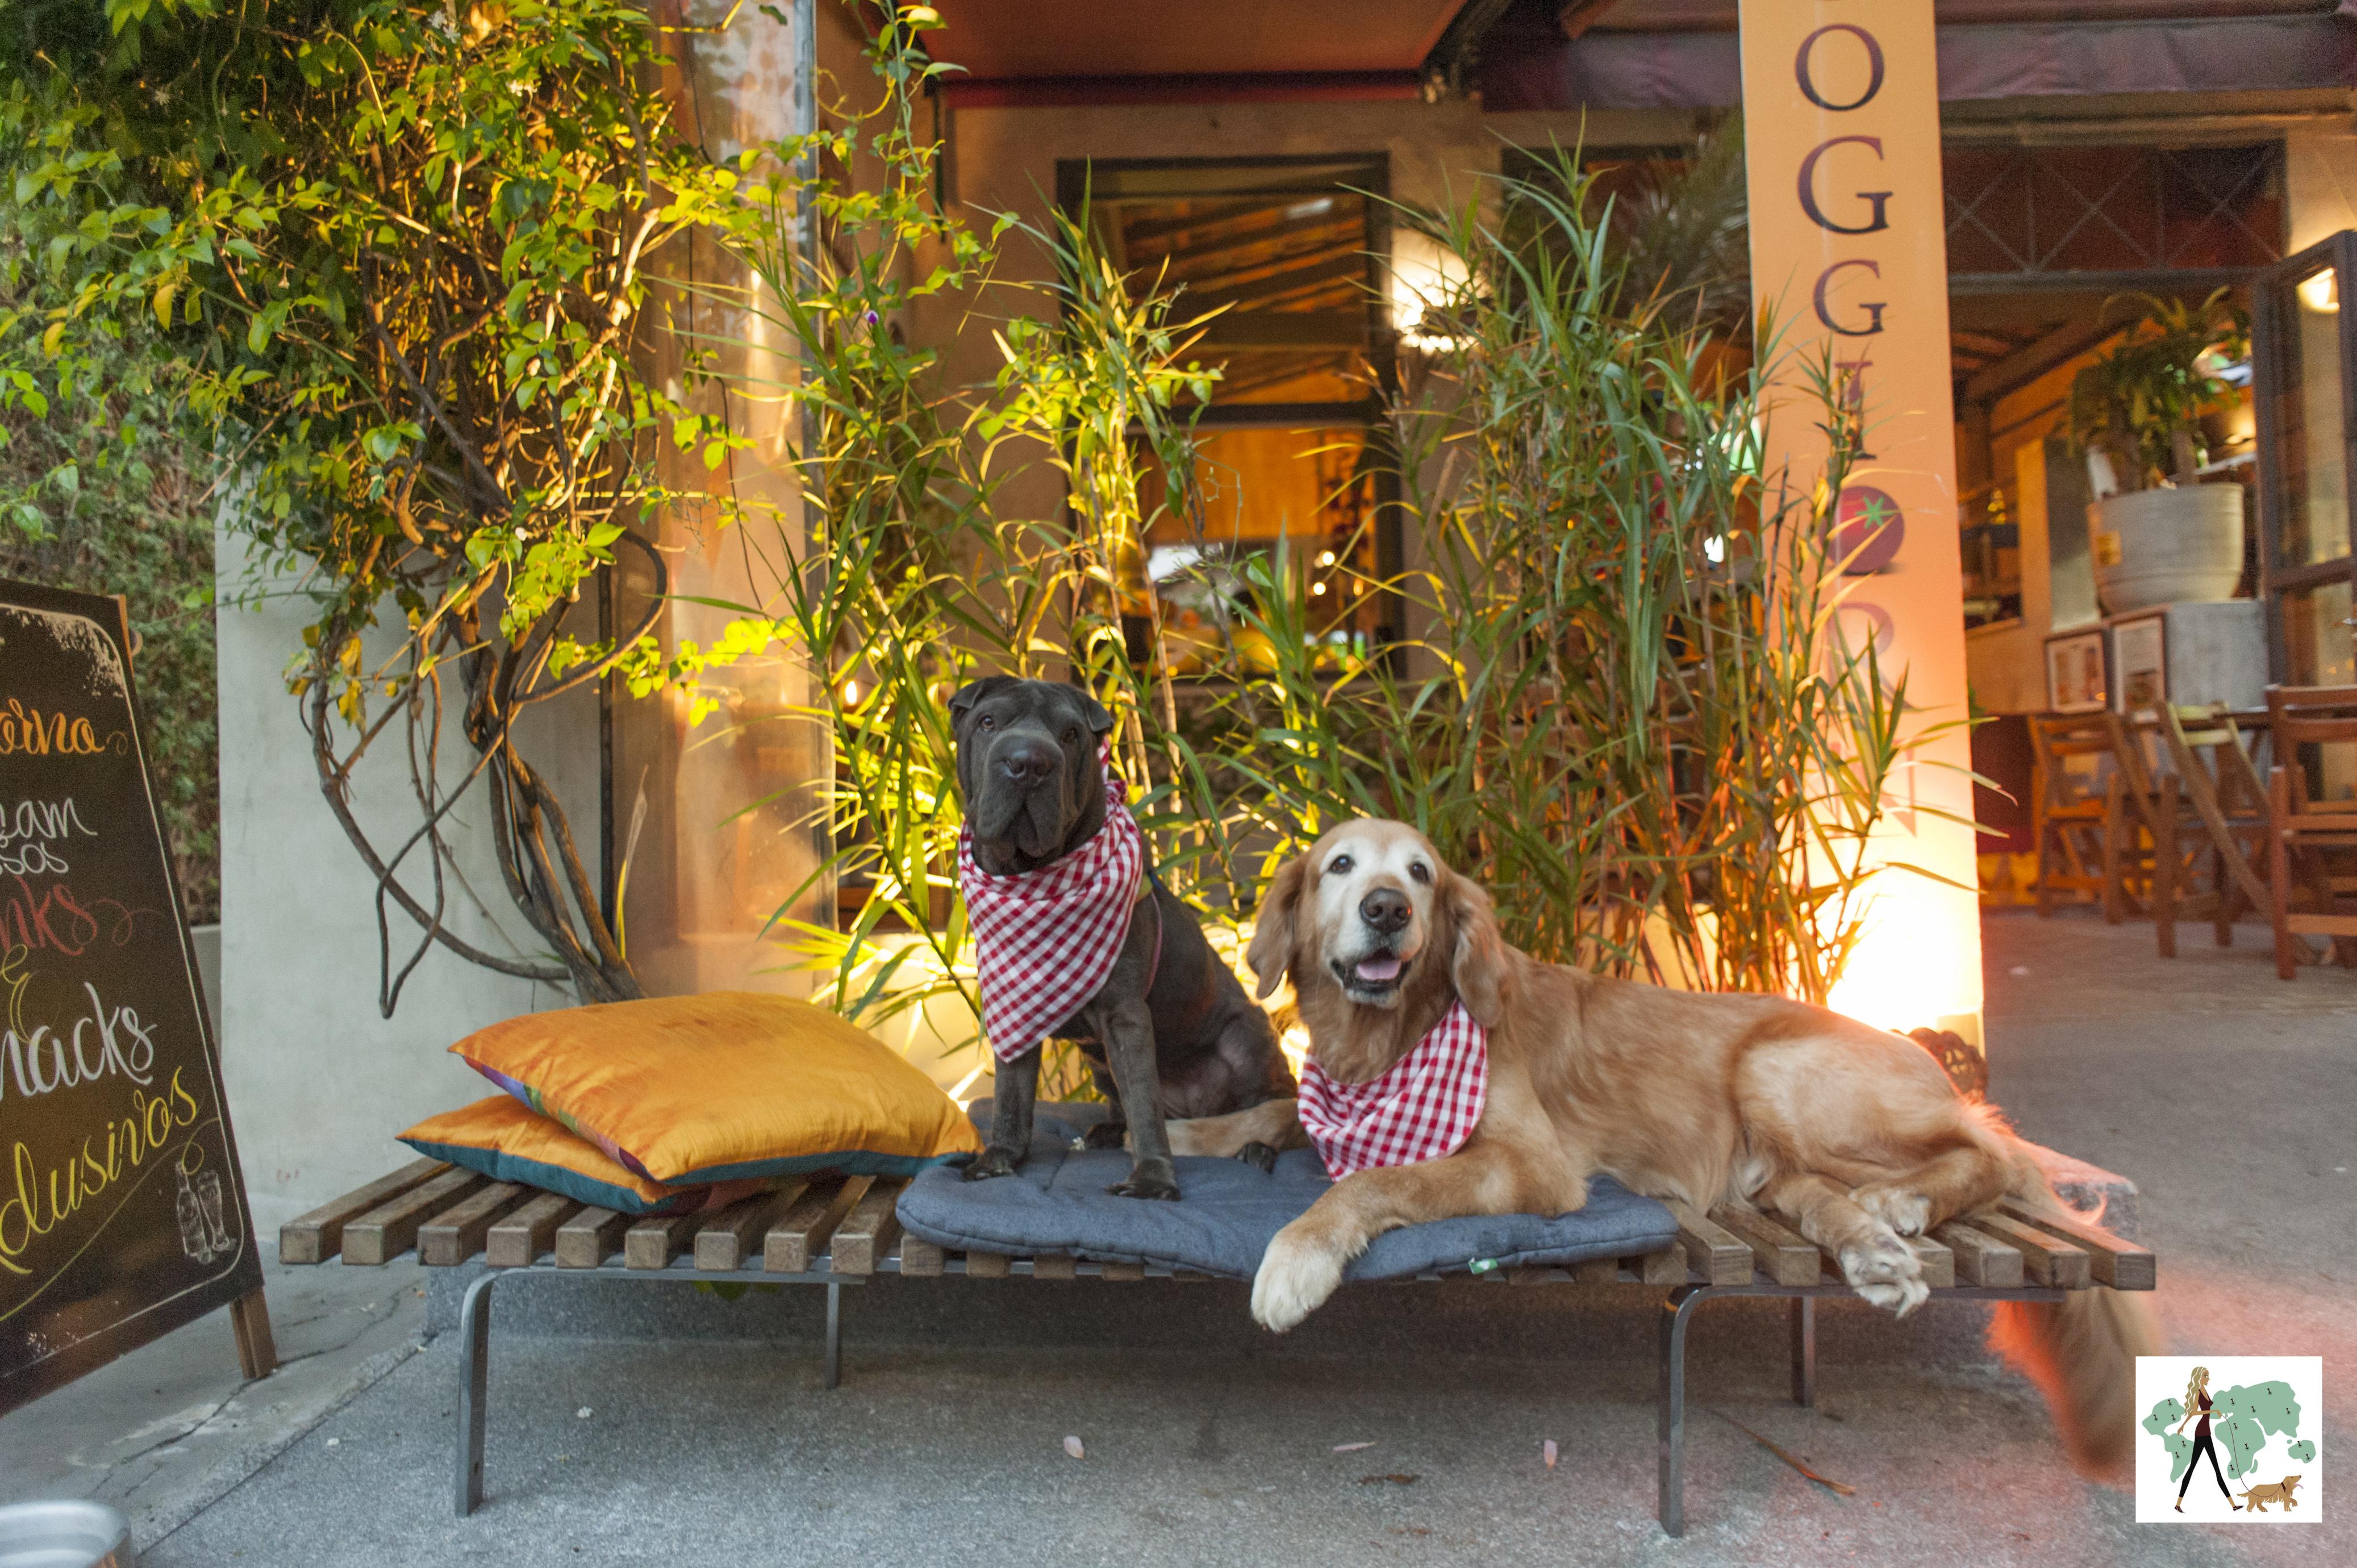 cachorros em cima banco em pizzaria